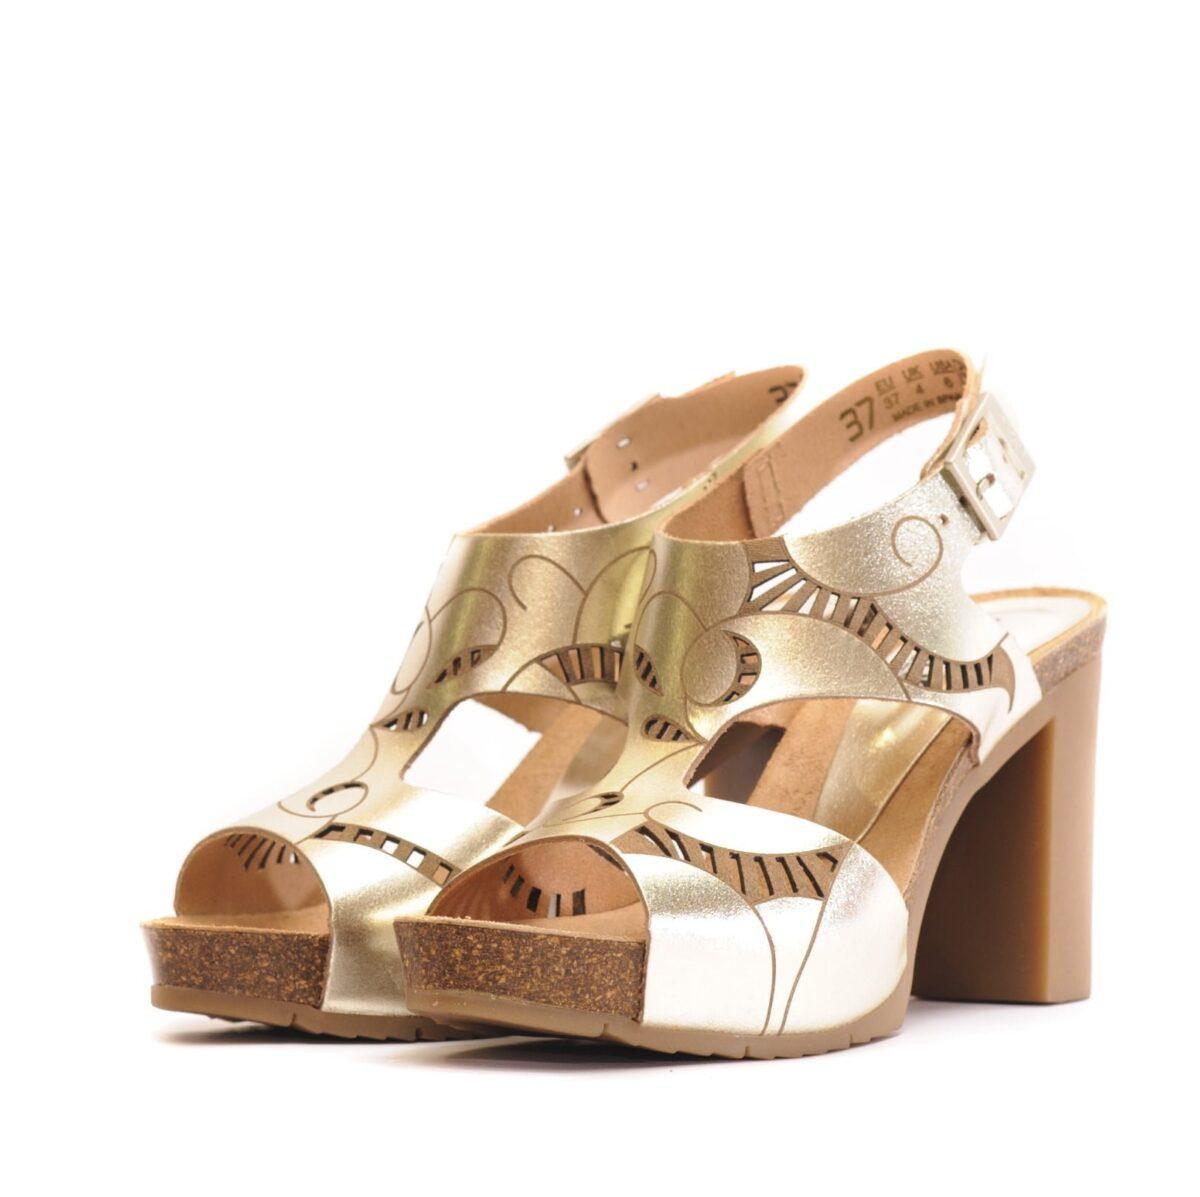 Γυναικεία Παπούτσια Γυναικείο High Heel Πέδιλο με Ασημί Μεταλλικό